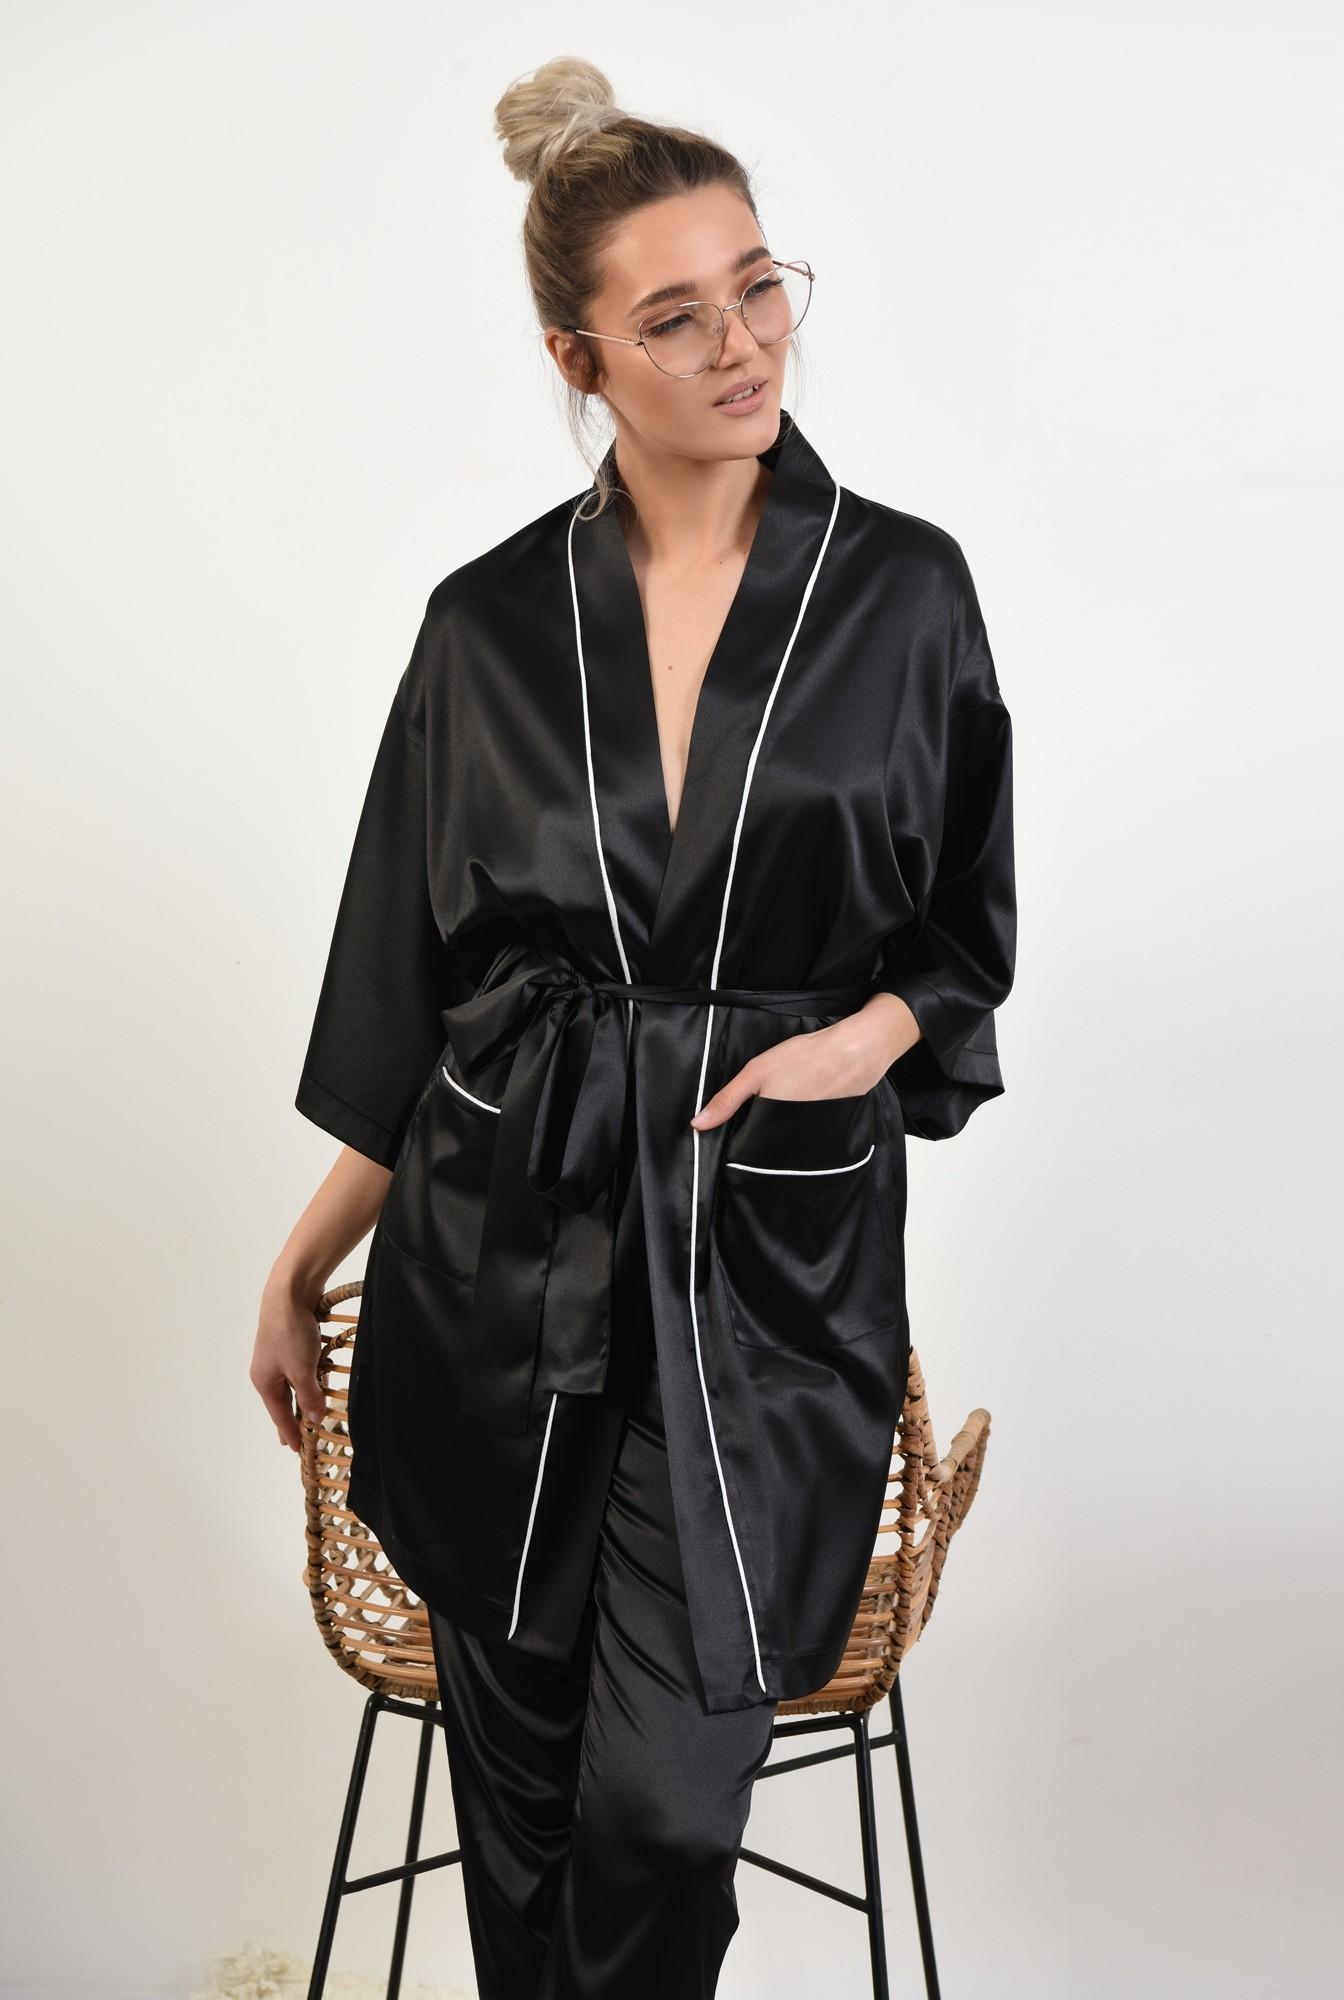 0 - cardigan din satin, negru, halat, cu borduri in contrast, cu buzunare